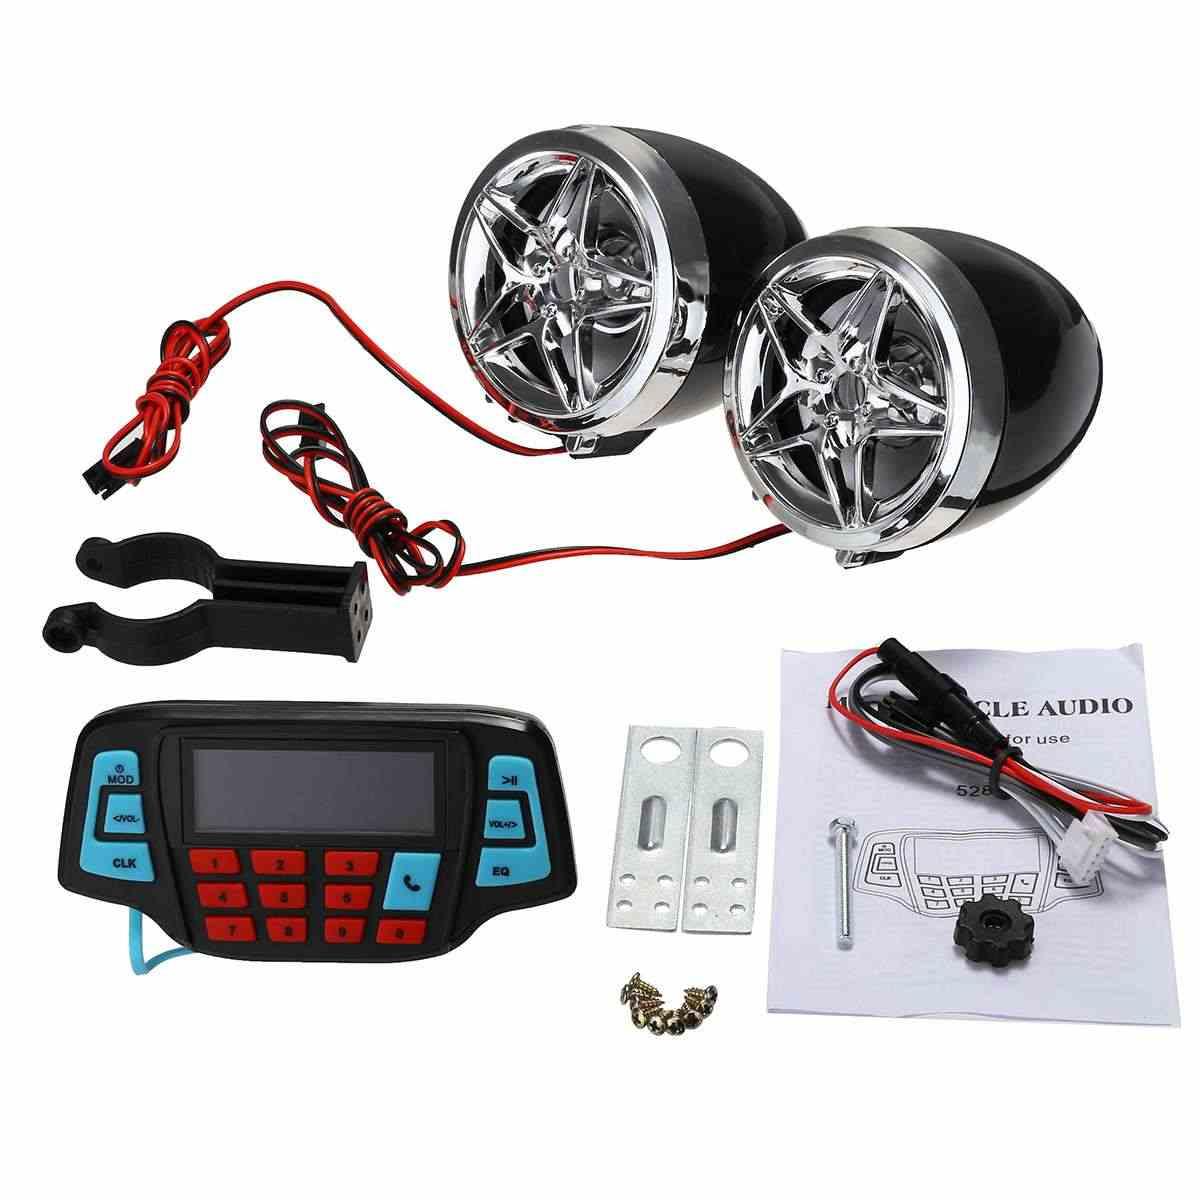 Sepeda Motor Studio Audio Sound Sistem Stereo Speaker FM Radio MP3 Pemutar Musik ATV Skuter Remote Control Alarm Speaker Skuter